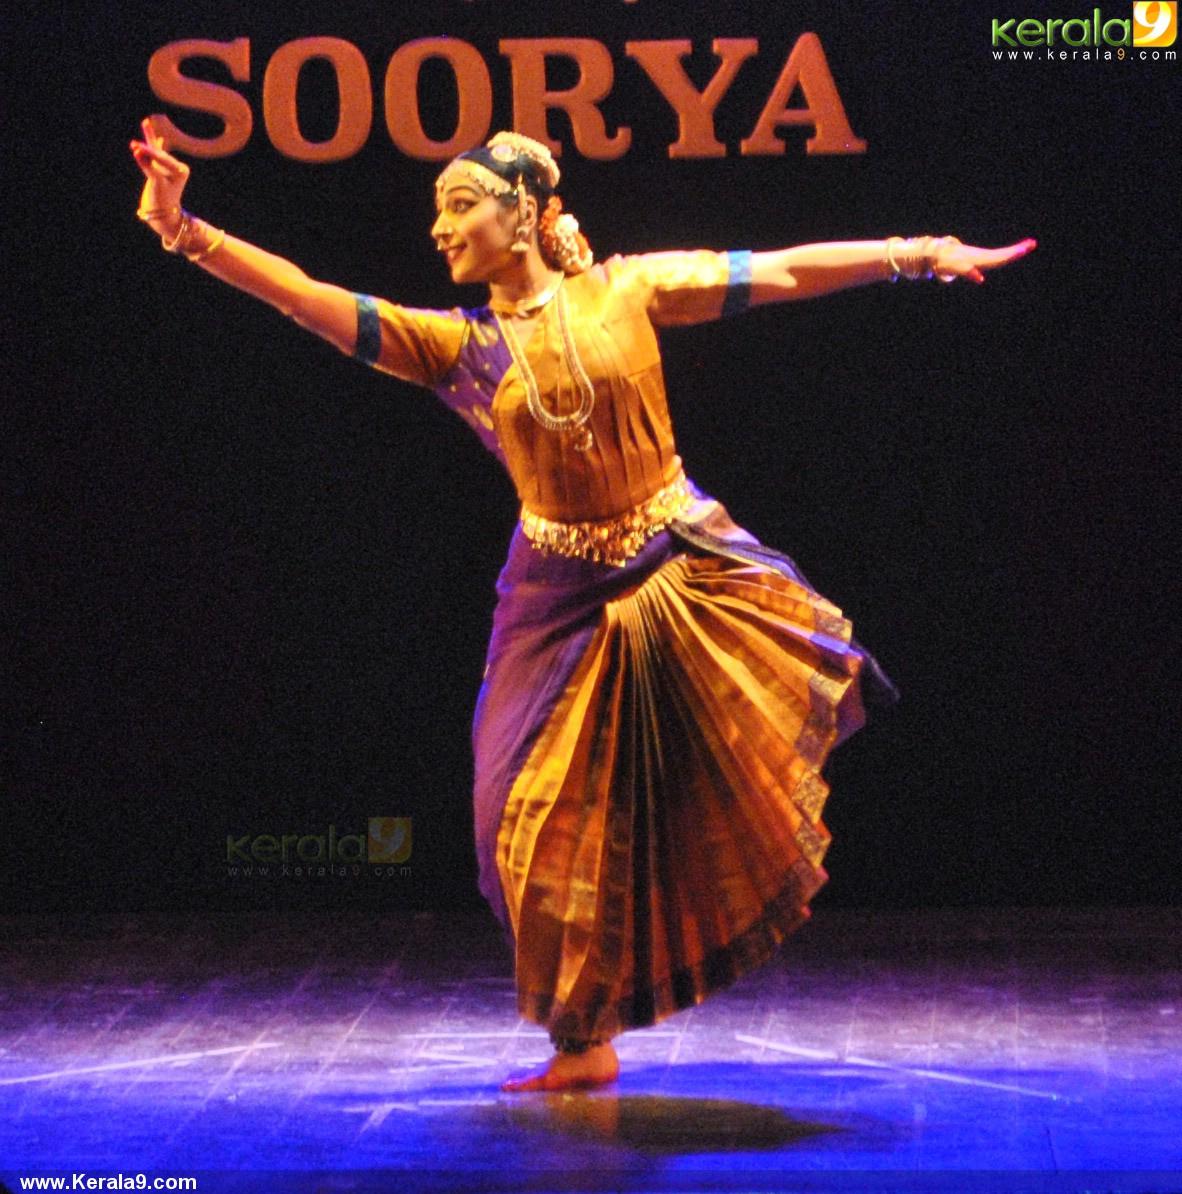 soorya dance and music festival 2016 photos 100 023